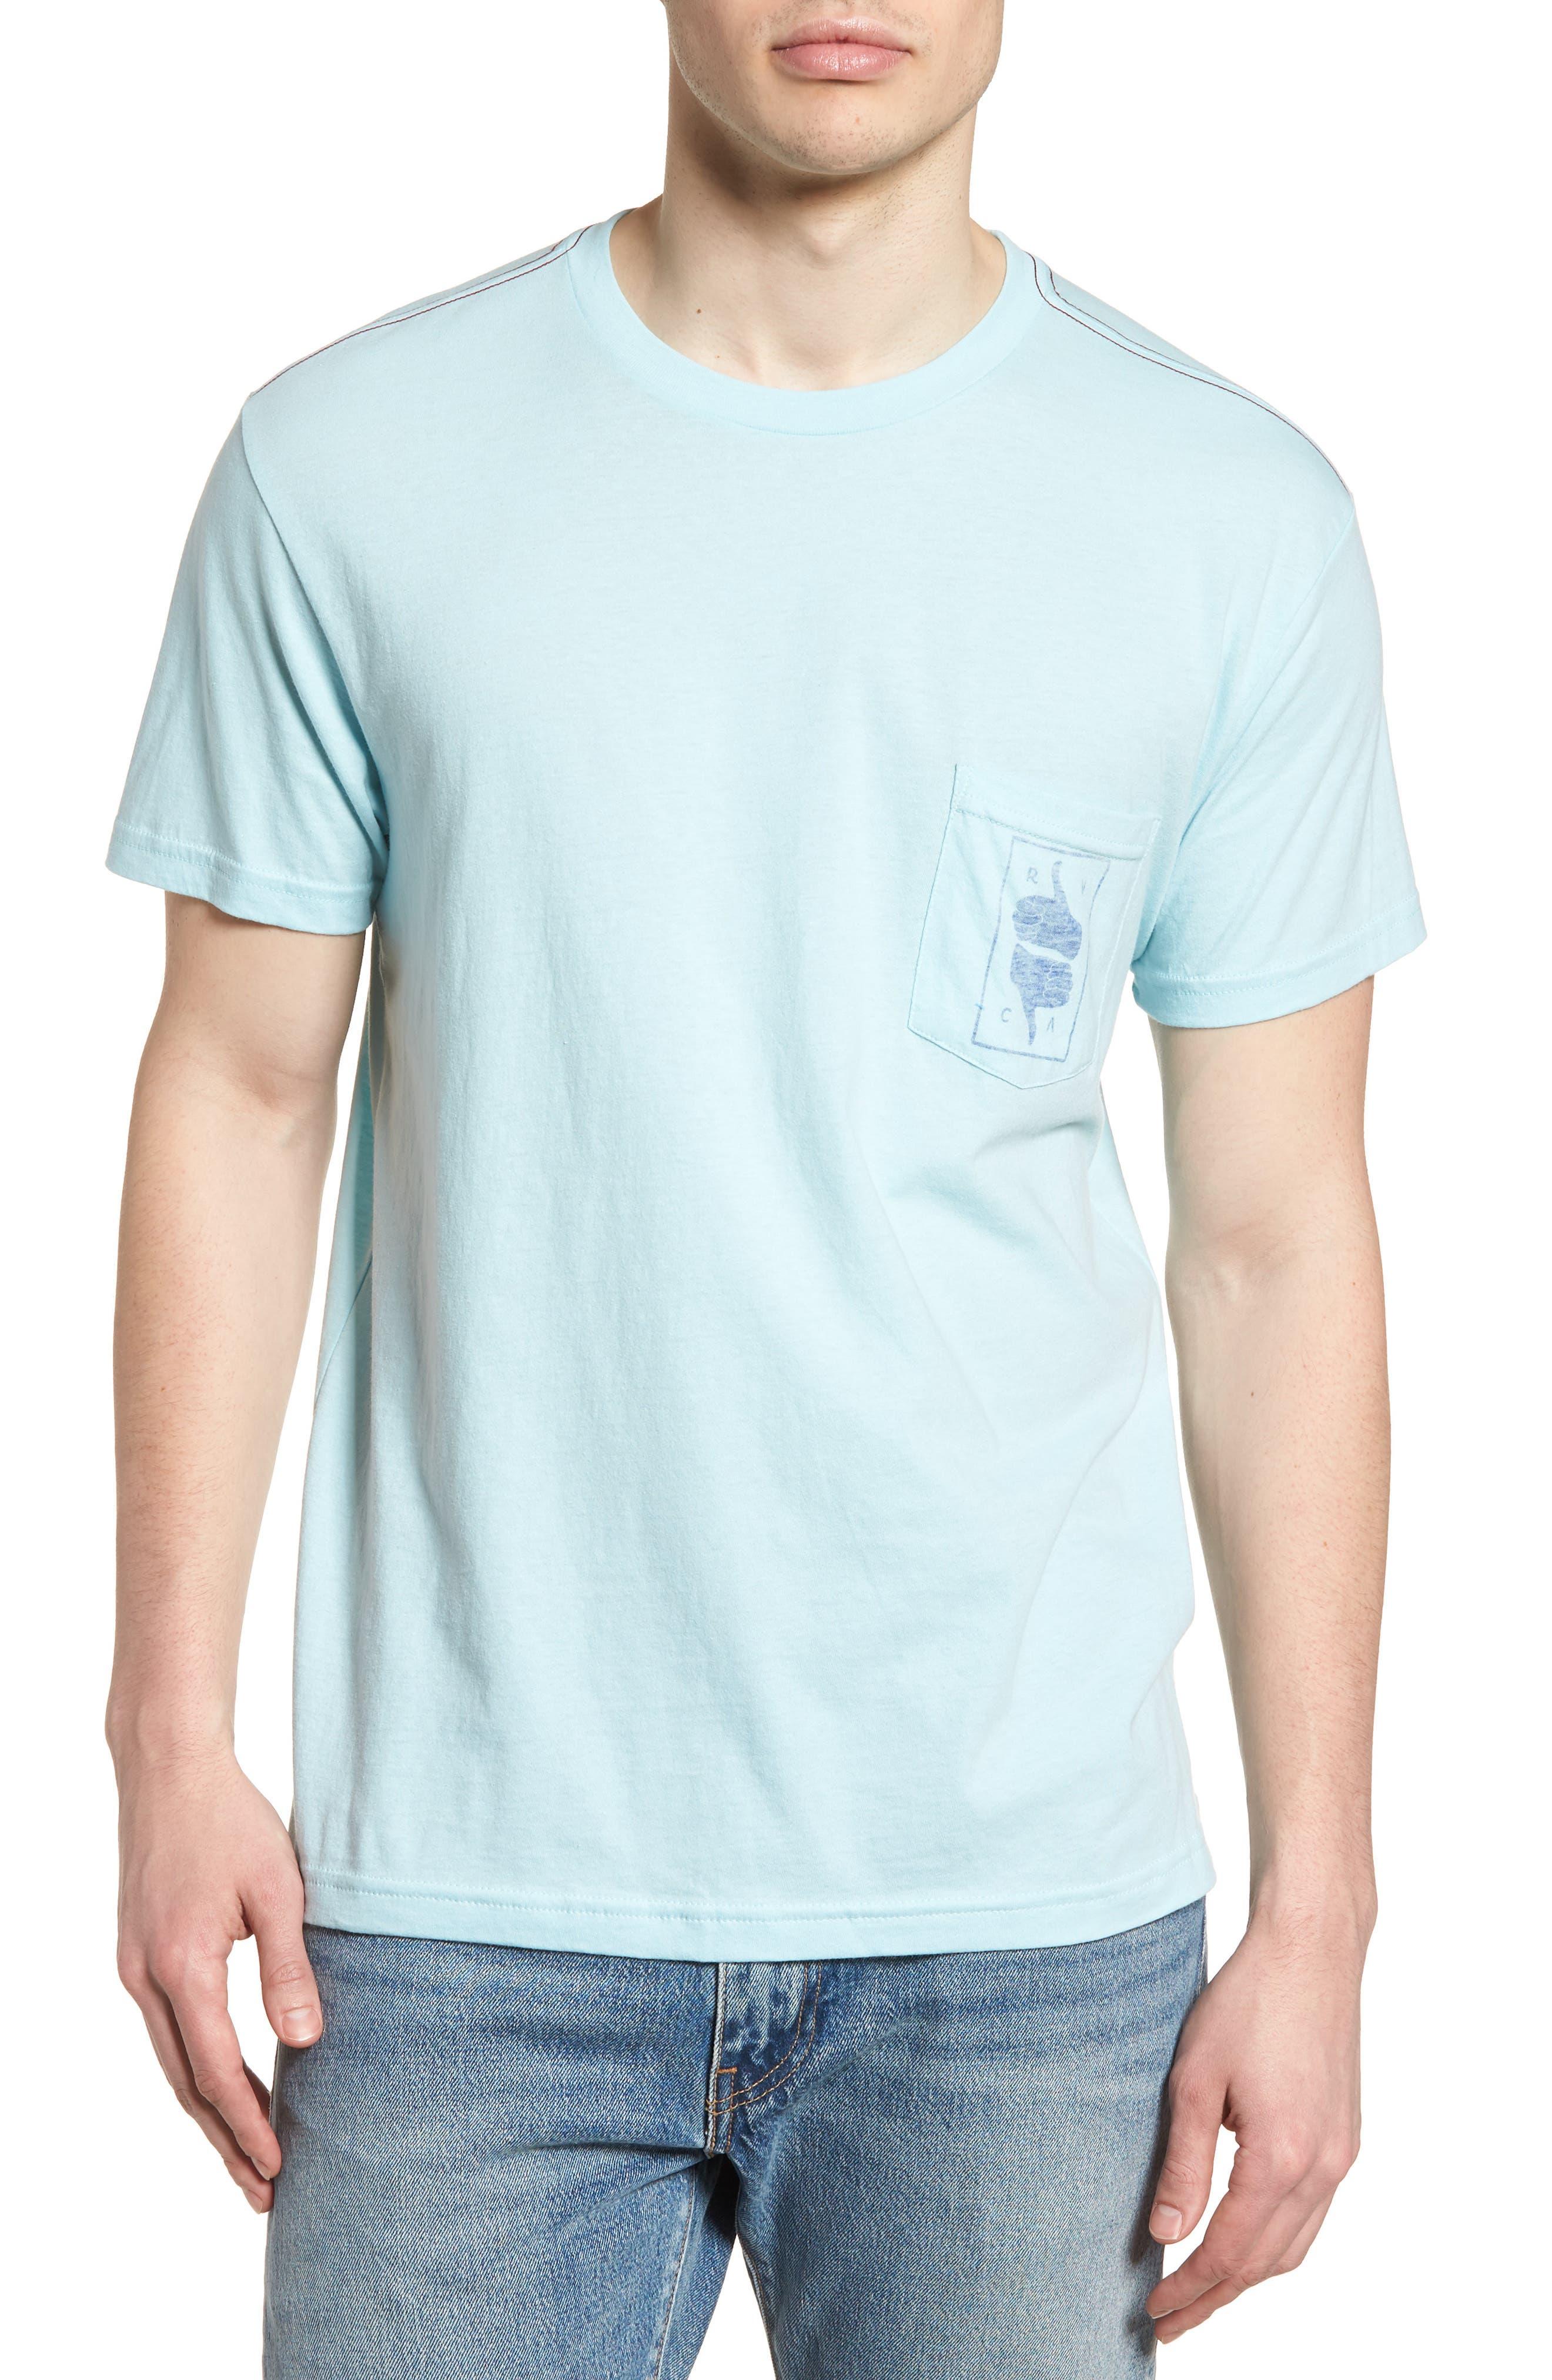 Thumbs Up T-Shirt,                             Main thumbnail 1, color,                             Blue